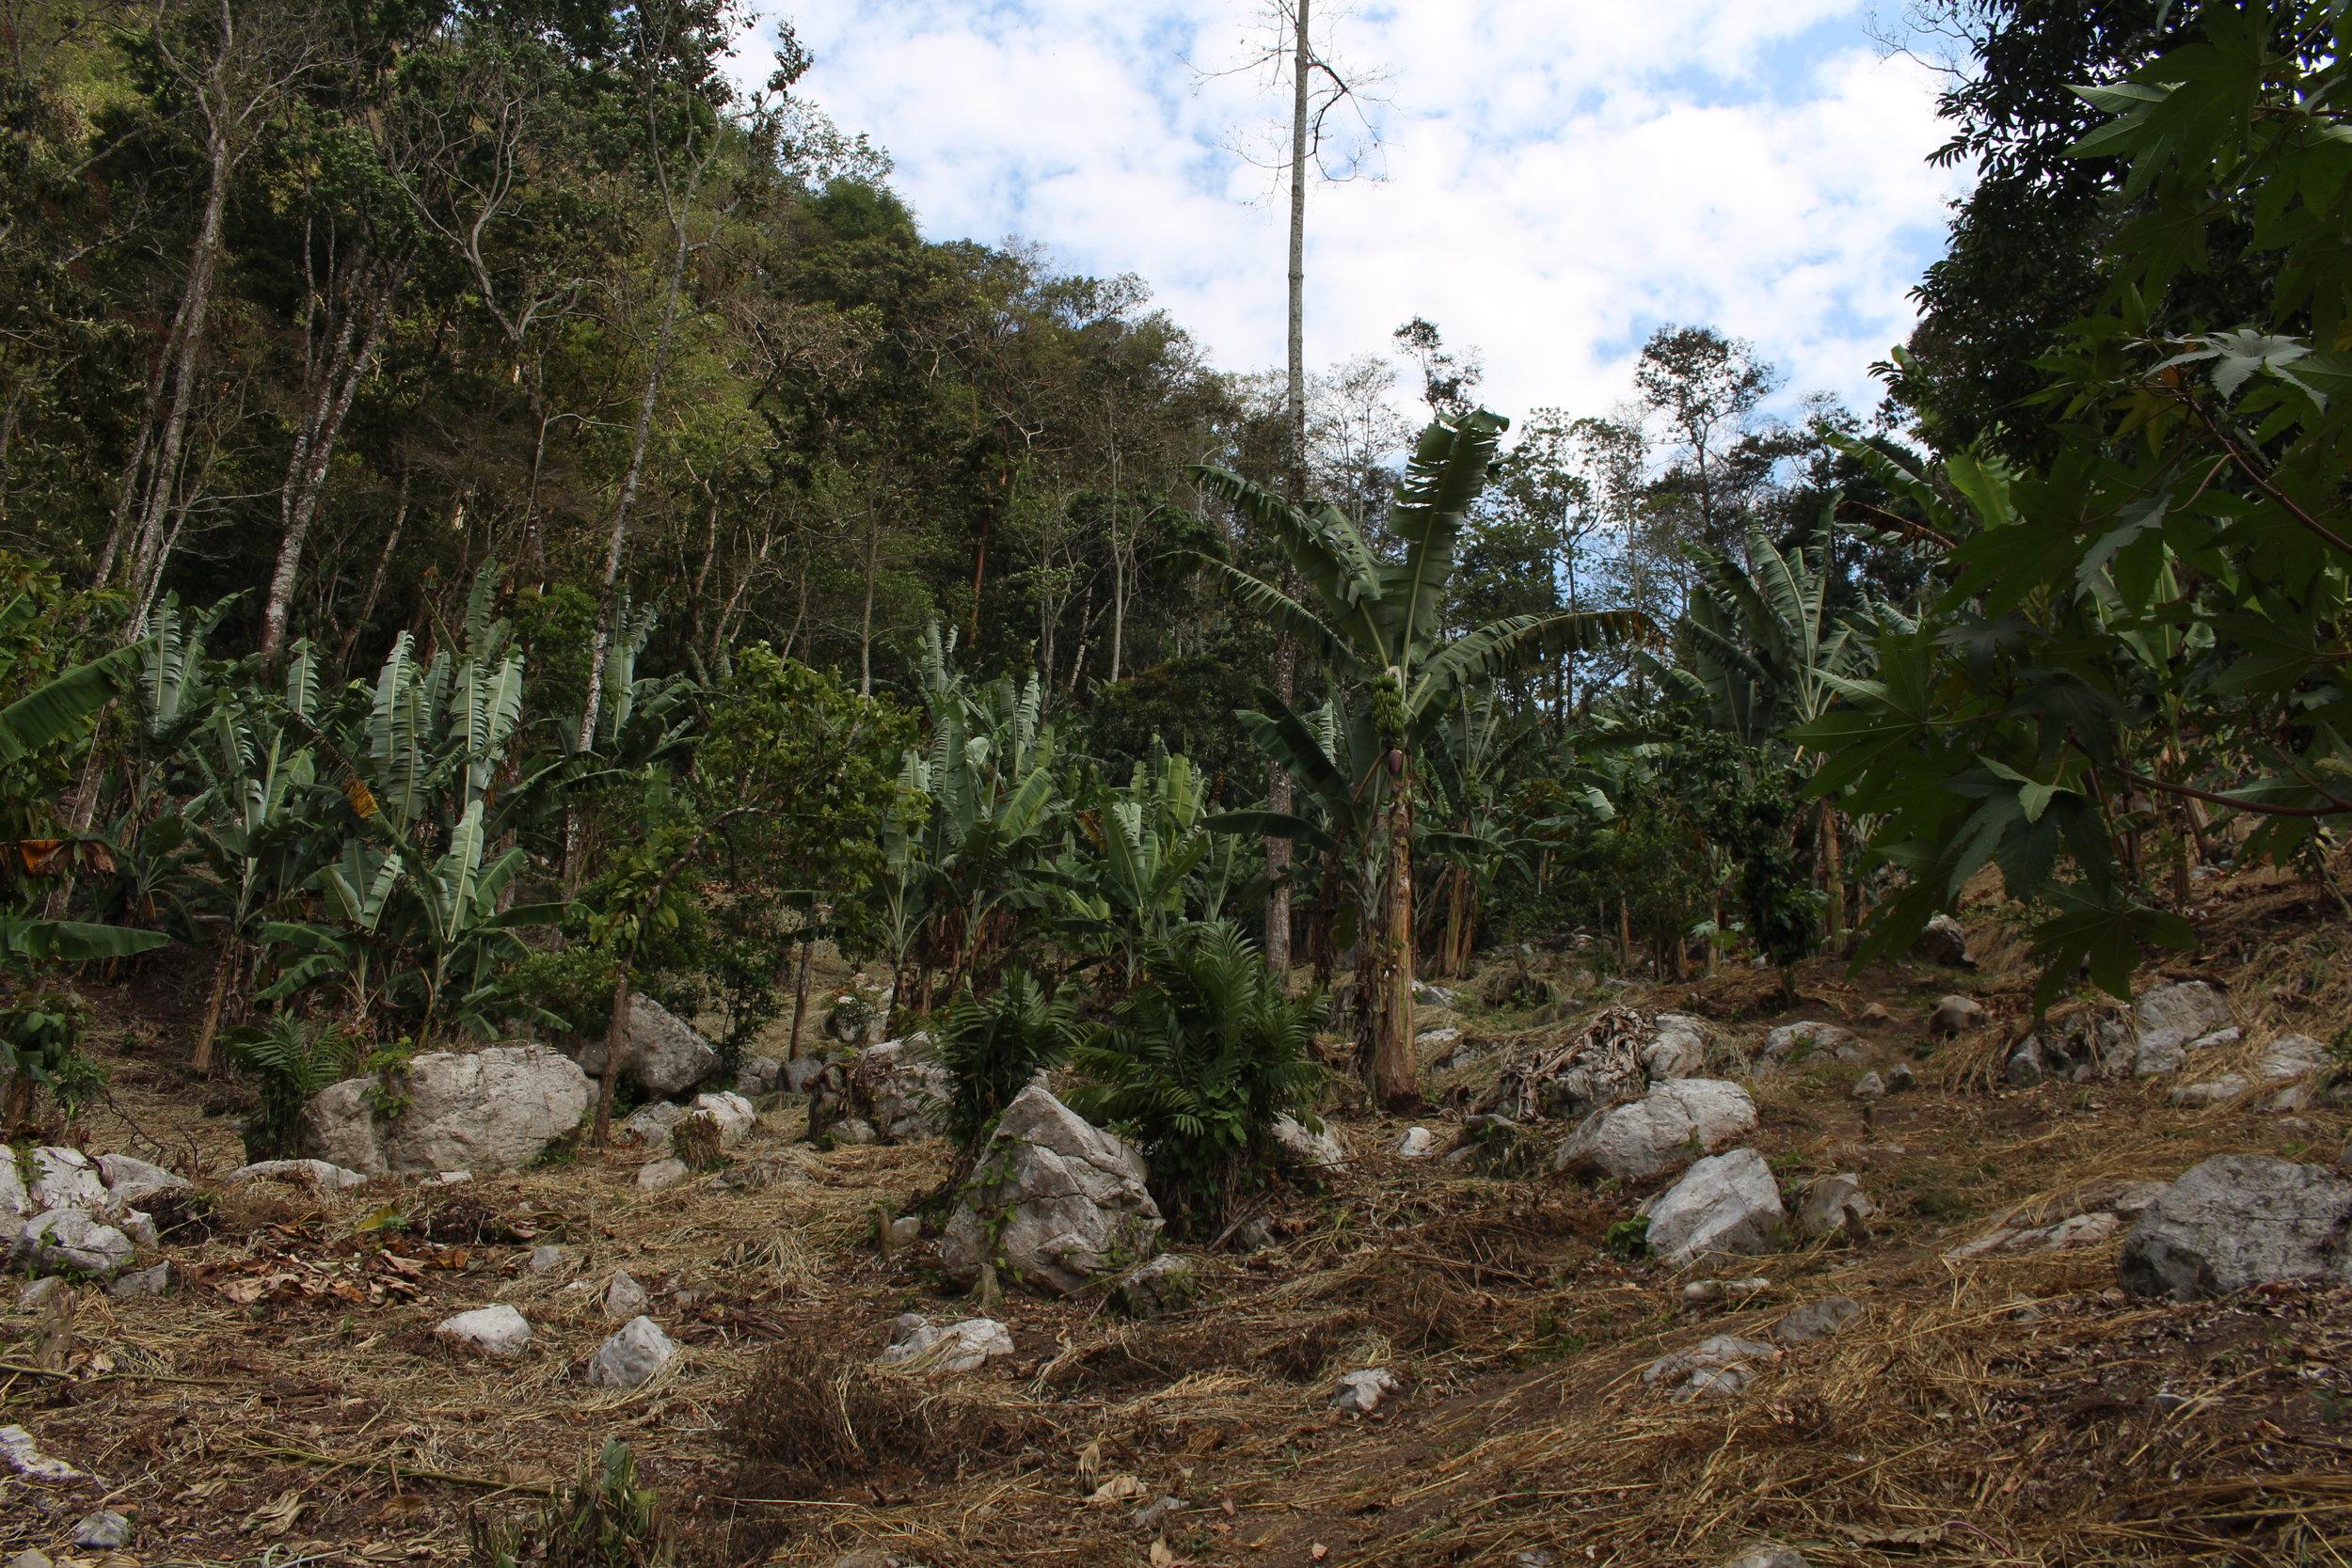 Deforestation is harming Honduras.